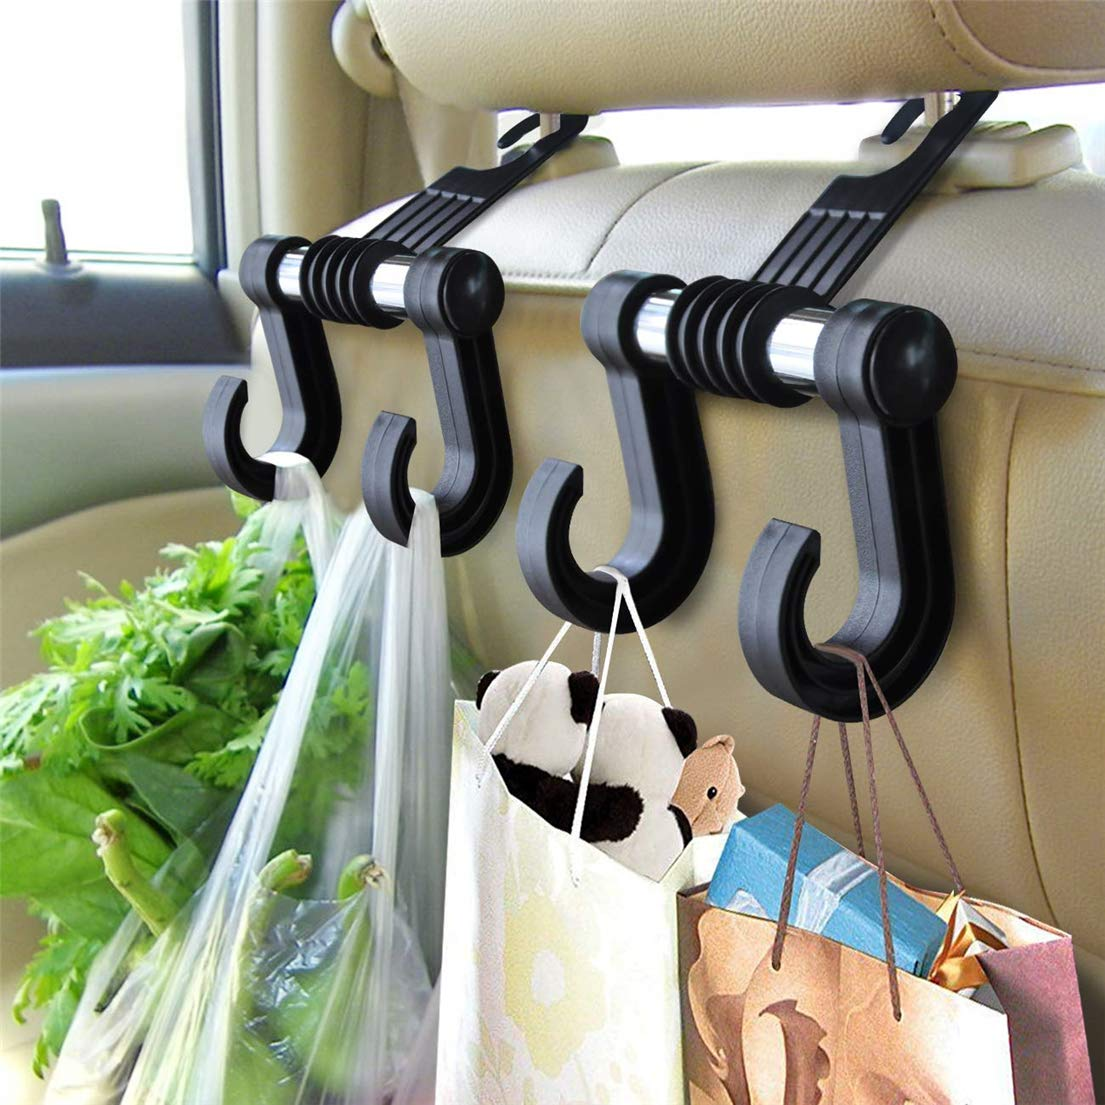 Stoff Gep/äck Haken f/ür Geldb/örse SUNMUCH 1 x Auto-Kopfst/ützenhaken mit Telefonhalterung f/ür R/ücksitz Taschen Kopfst/ütze Lebensmittel